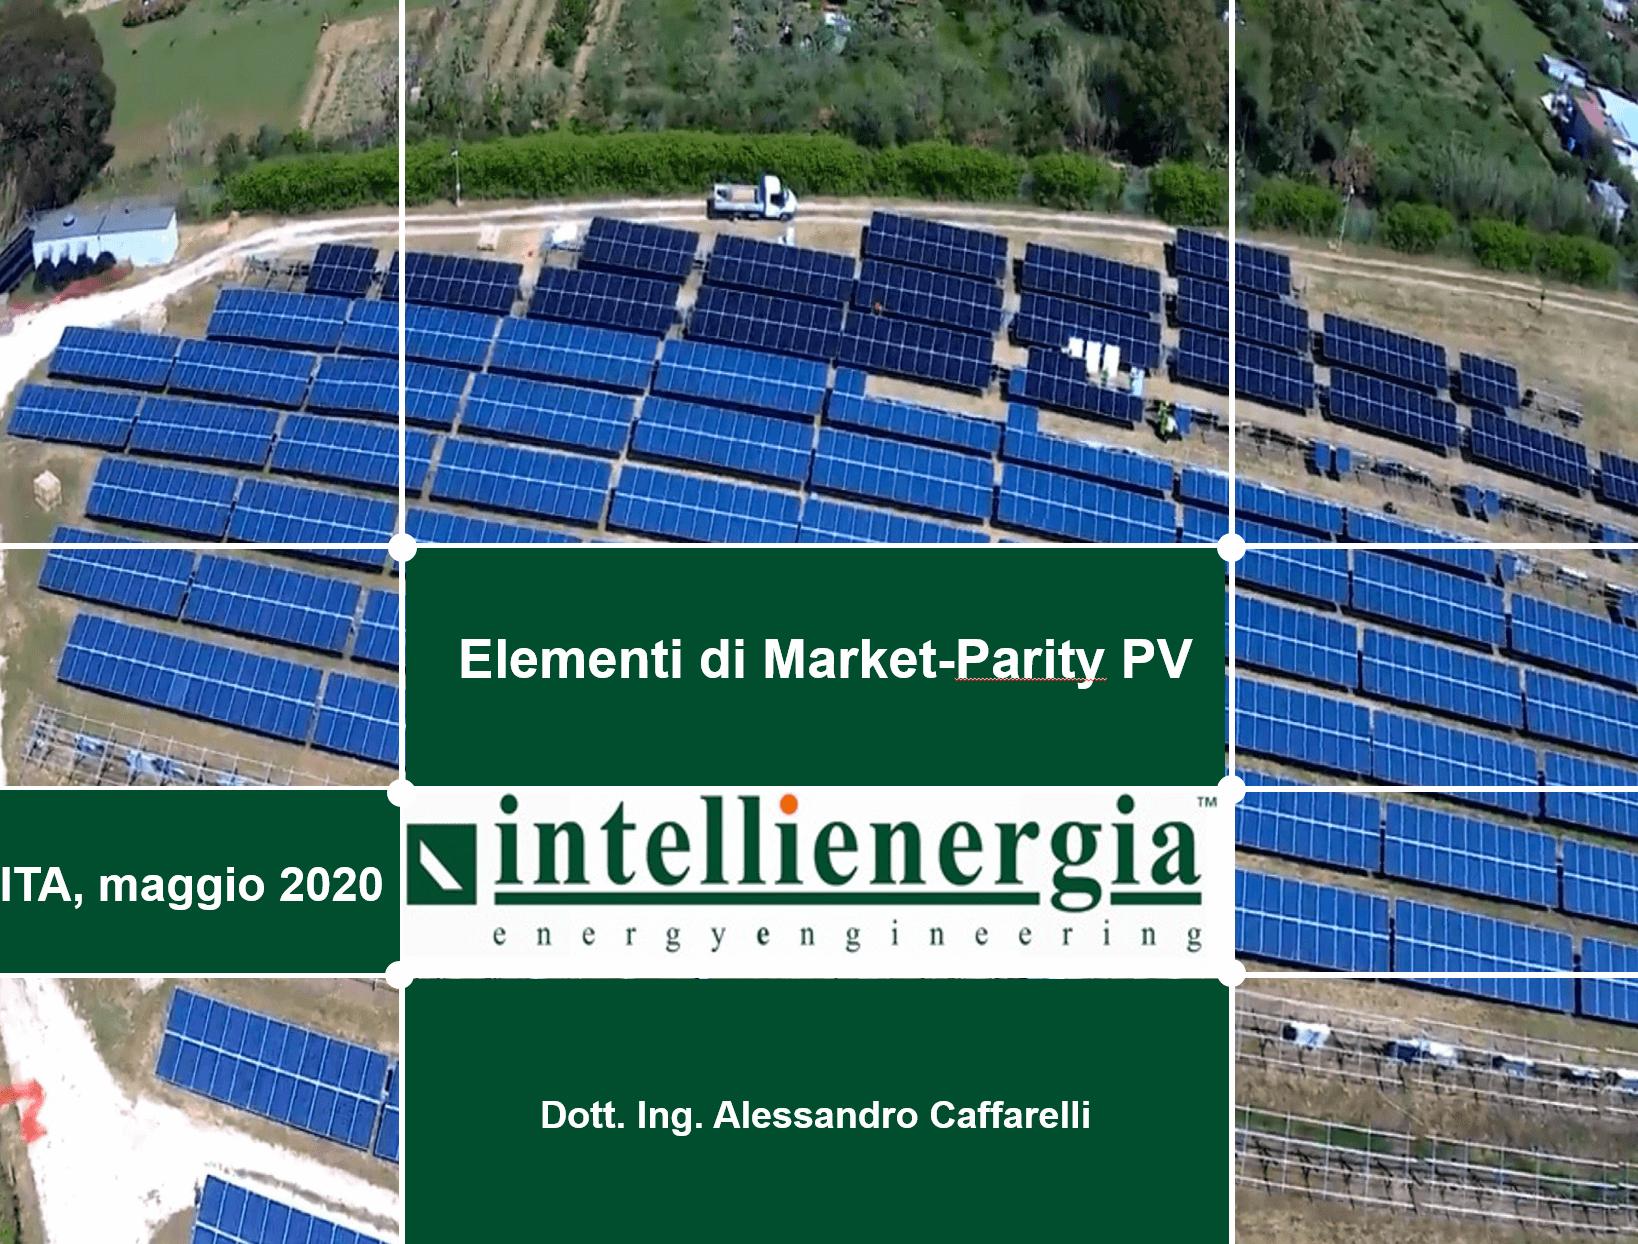 Elementi di Market-Parity